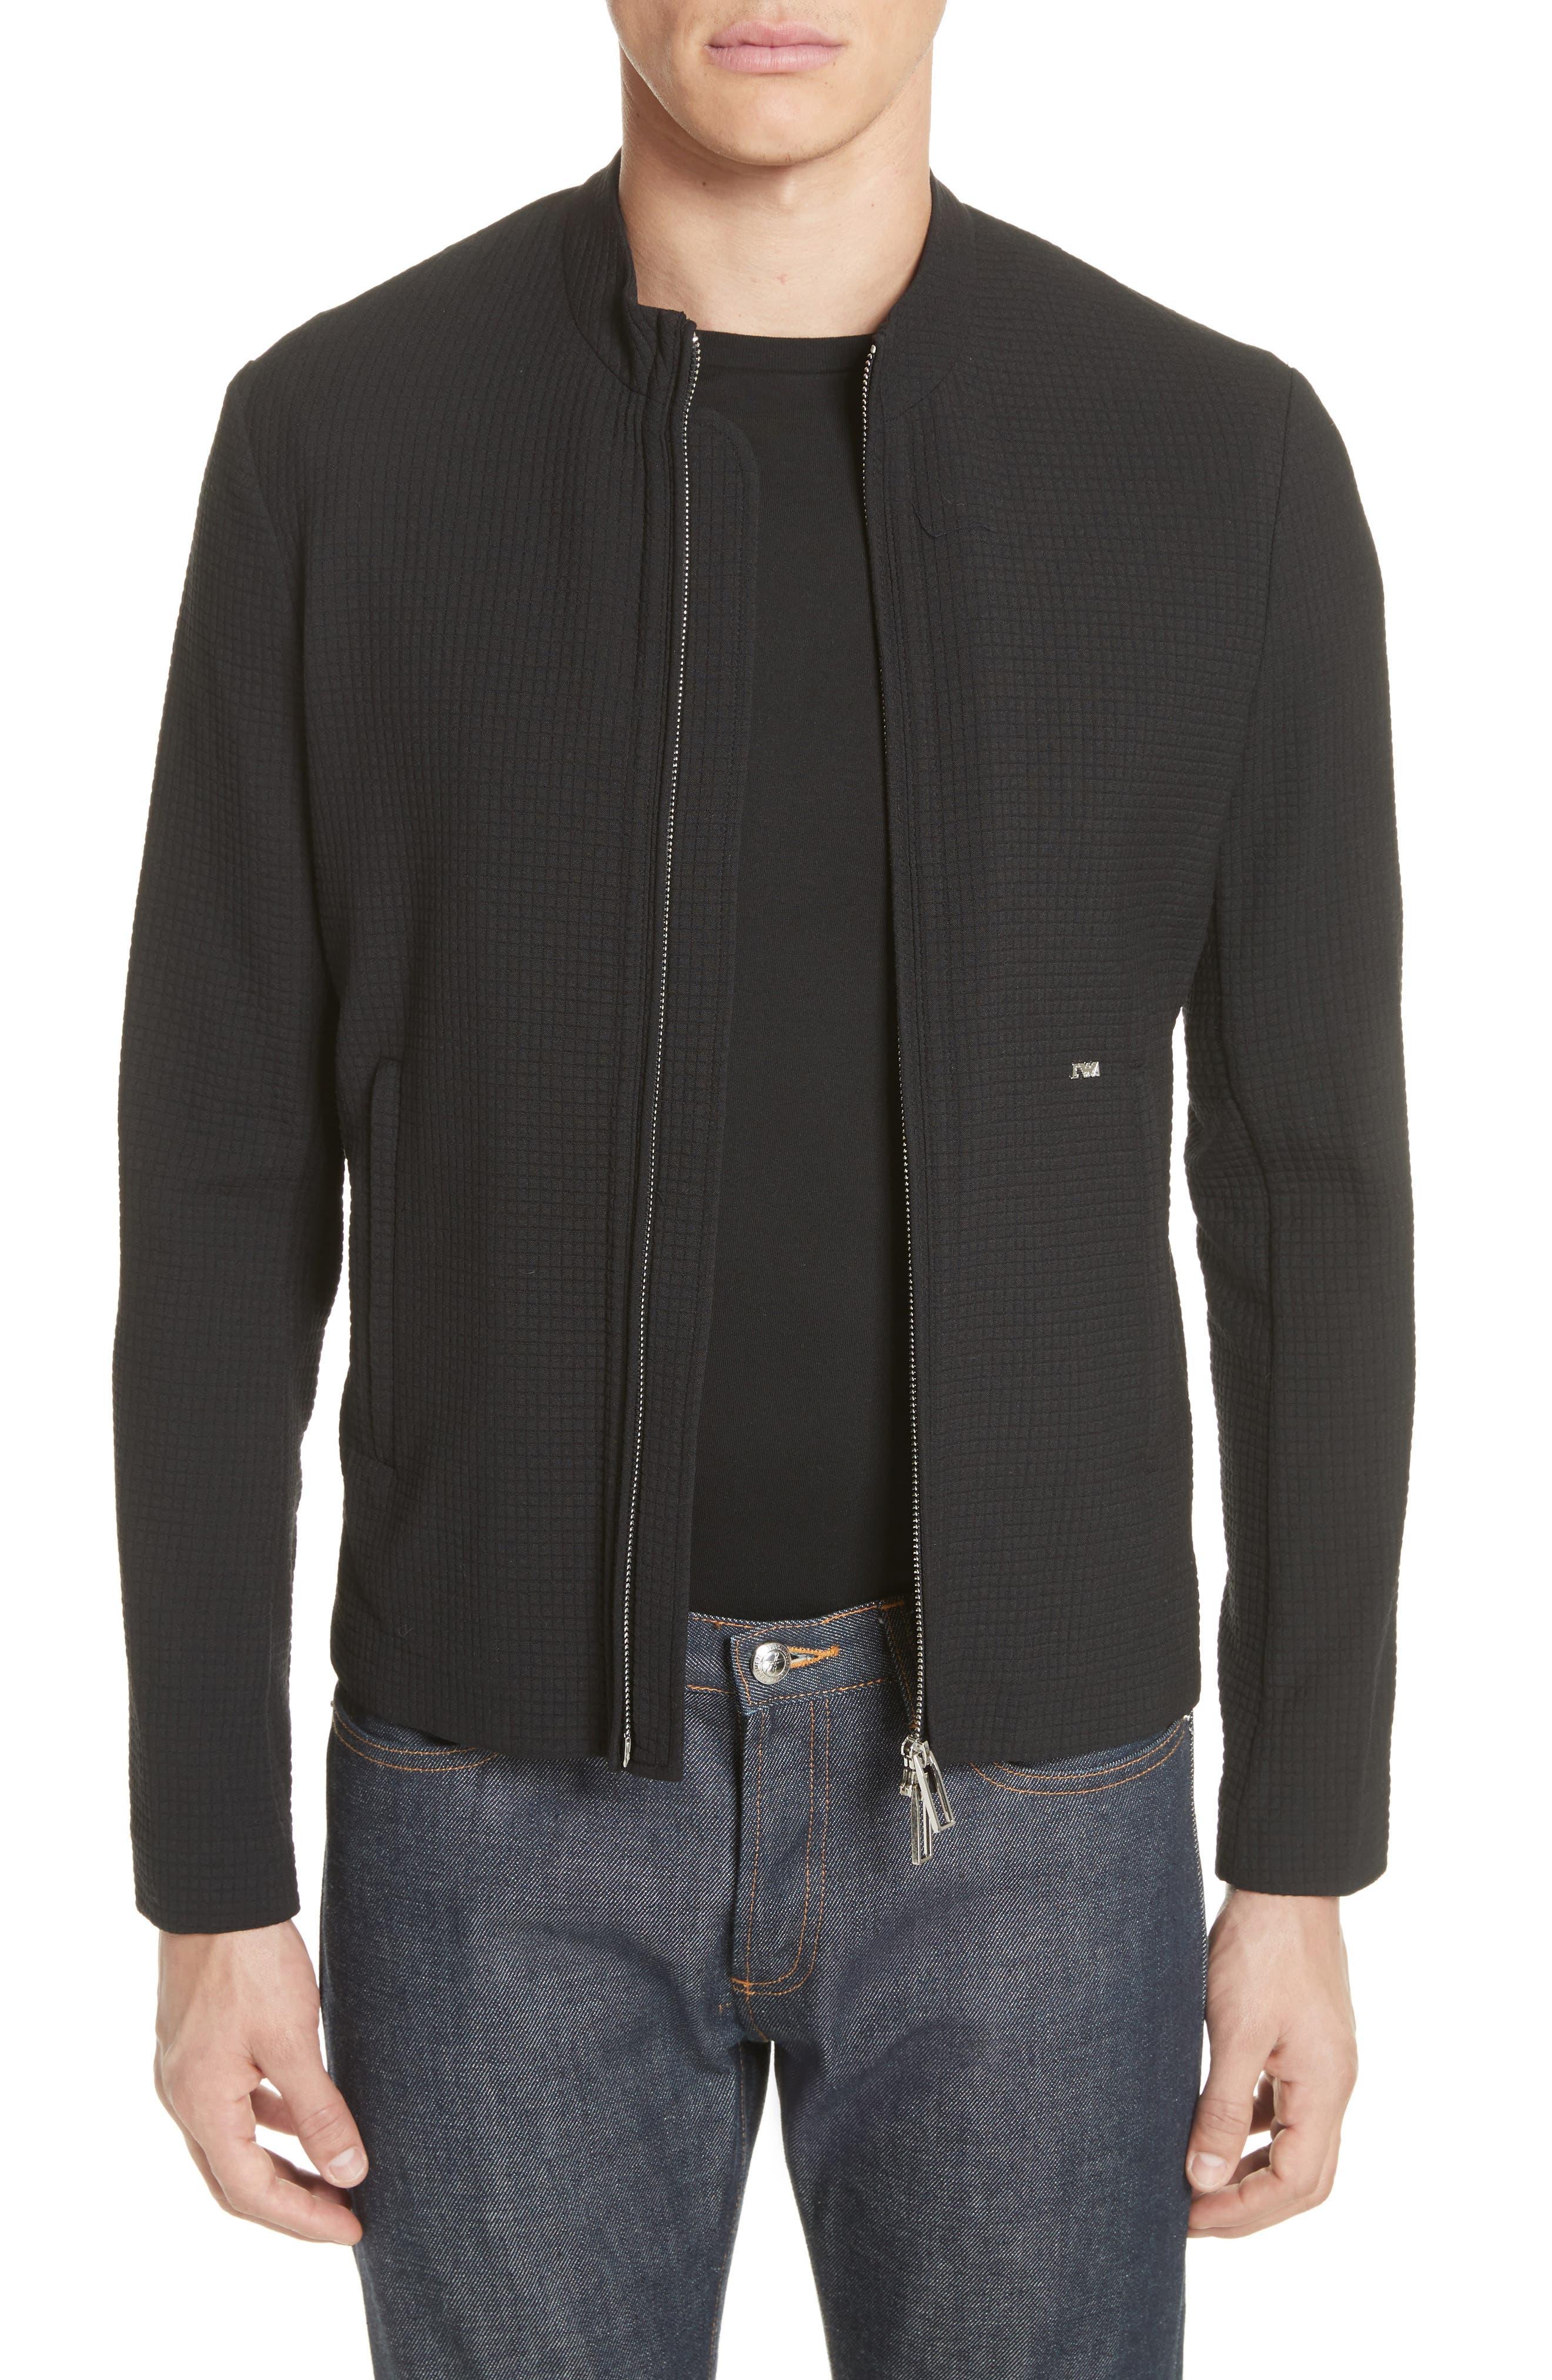 Ripstop Check Wool Blend Jacket,                             Main thumbnail 1, color,                             001